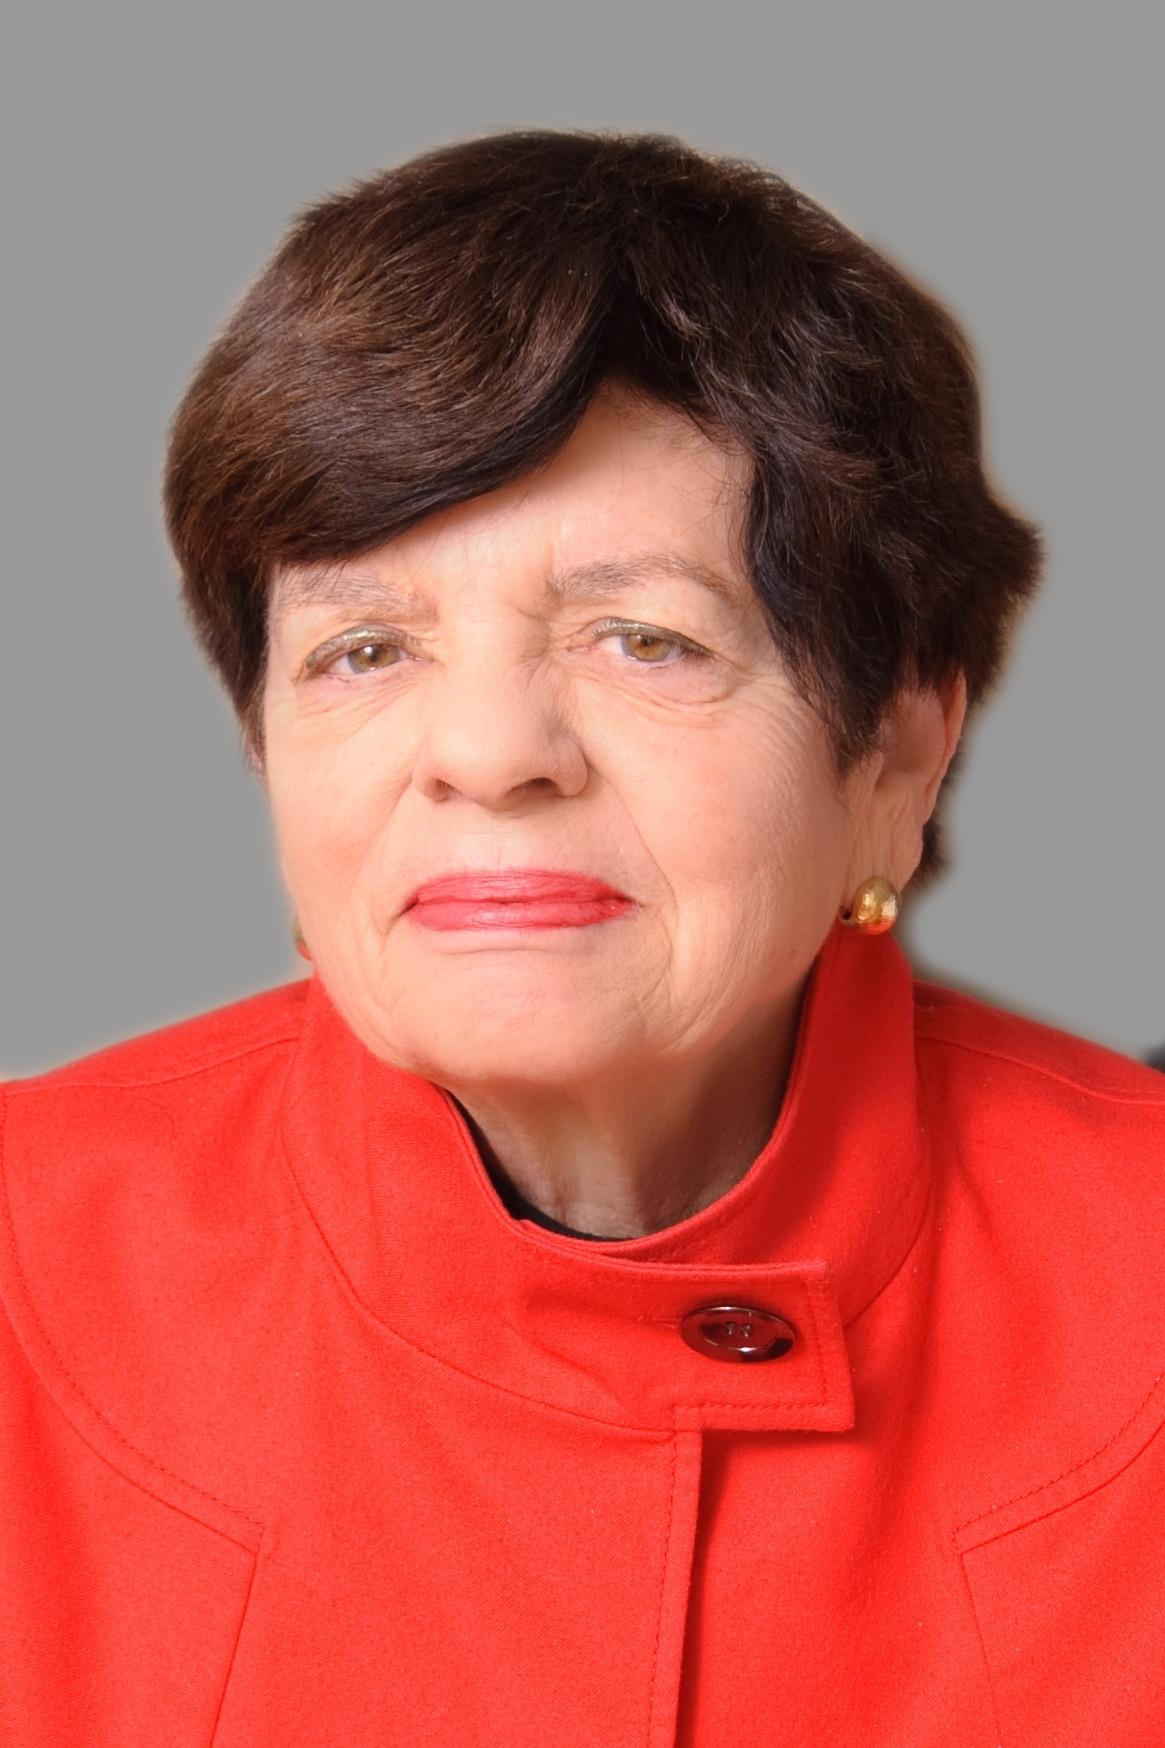 Alice M. Rivlin